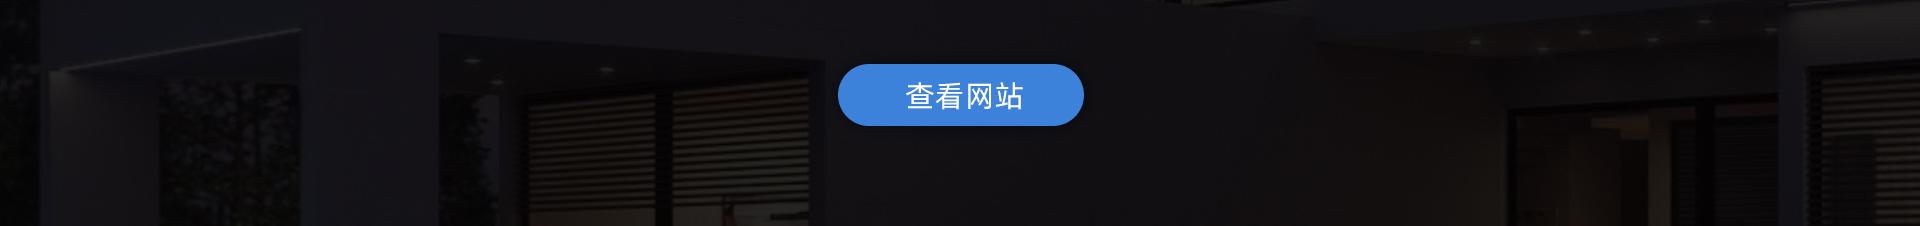 卫英瑛-云企案例设计简介卫英瑛1_02